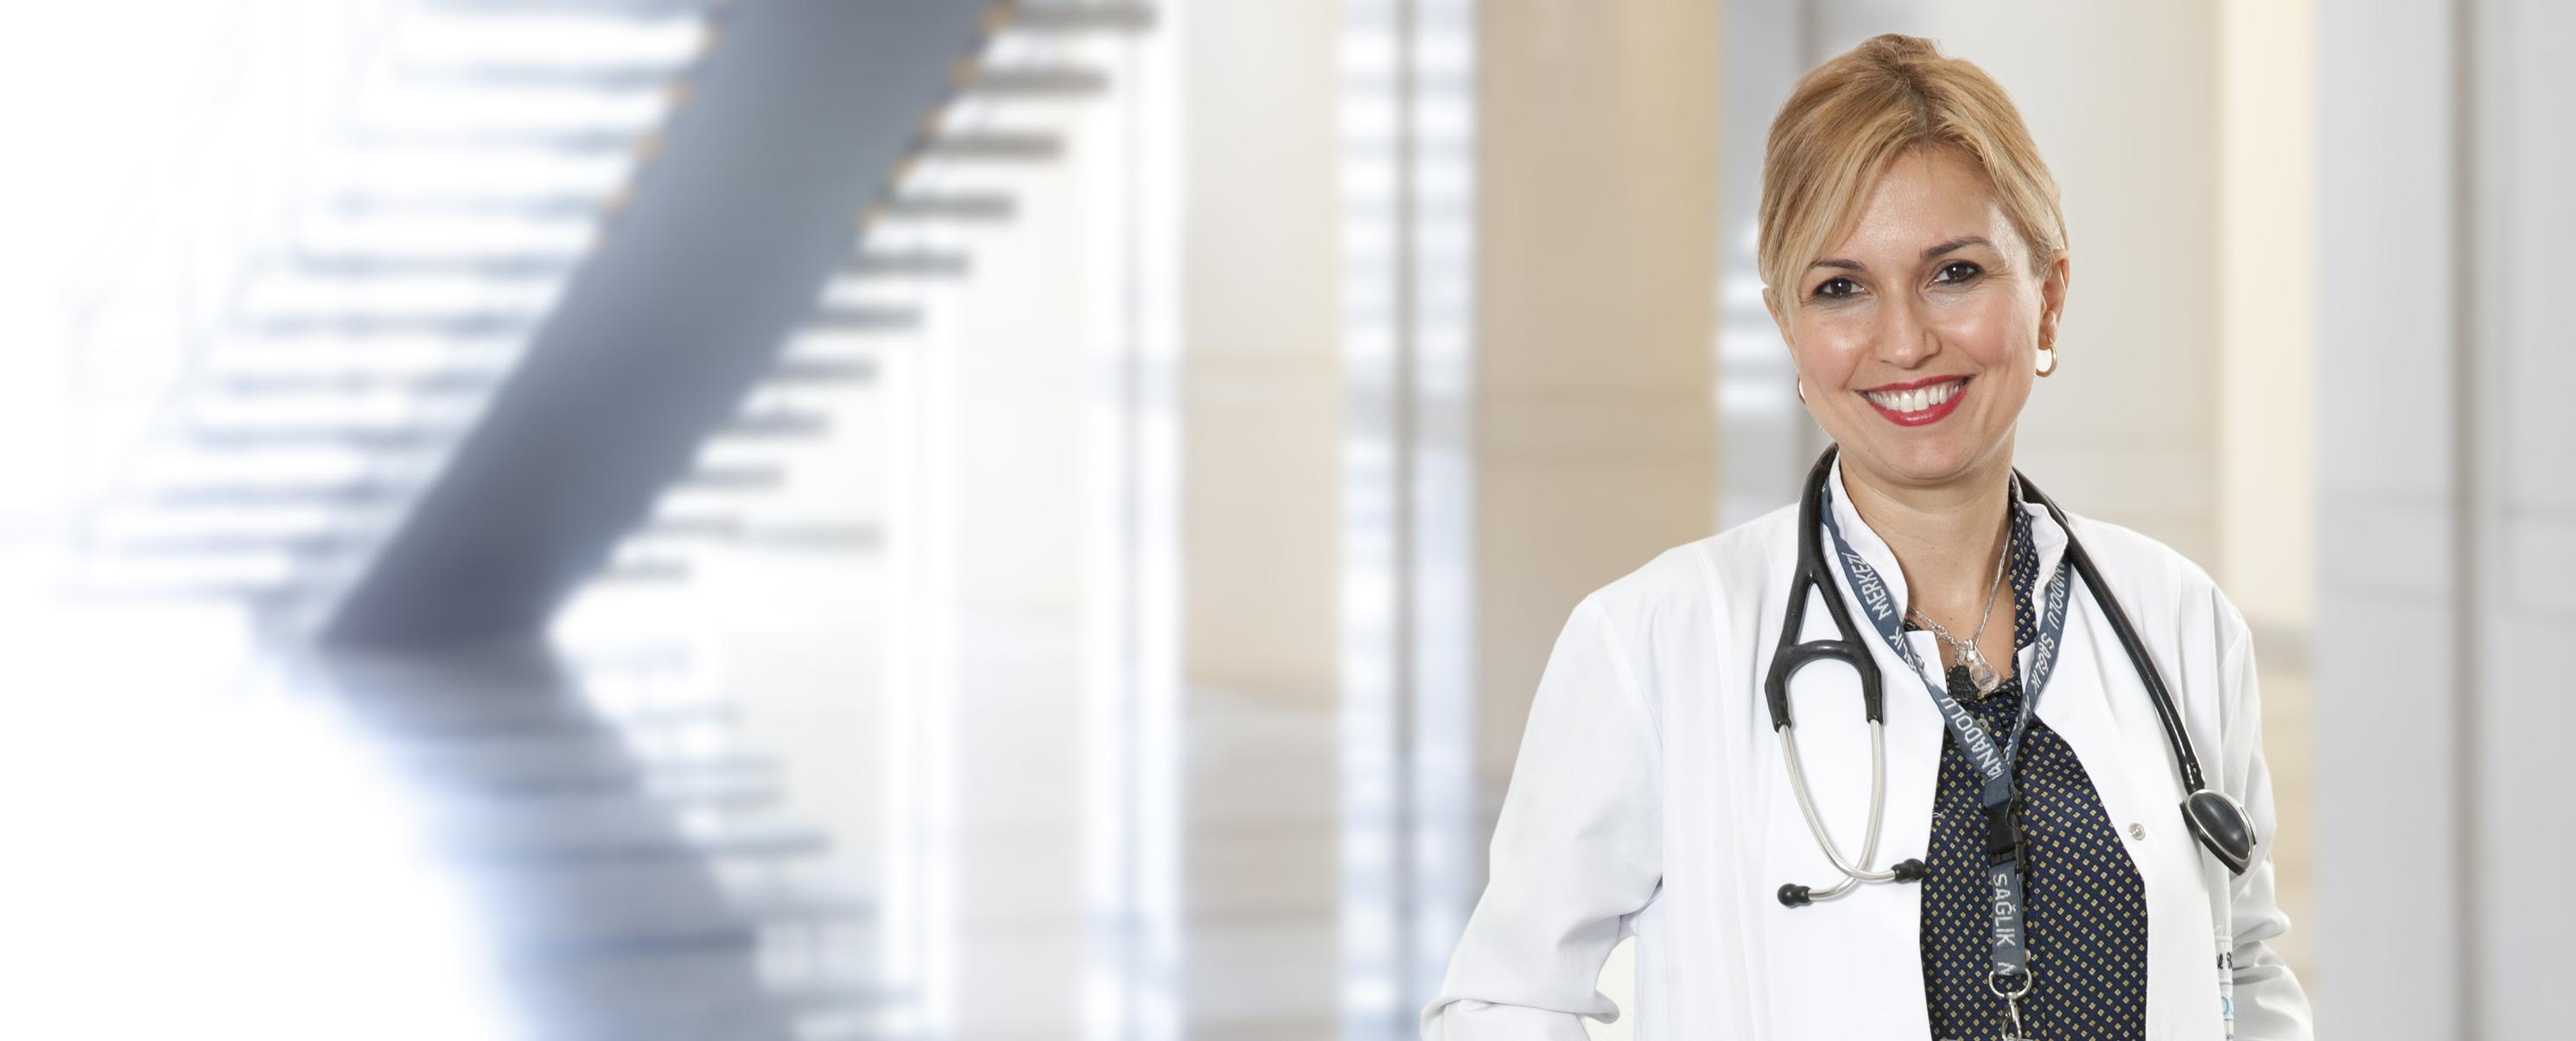 Айшегюль Карахан — квалифицированная помощь в медицинском центре Anadolu